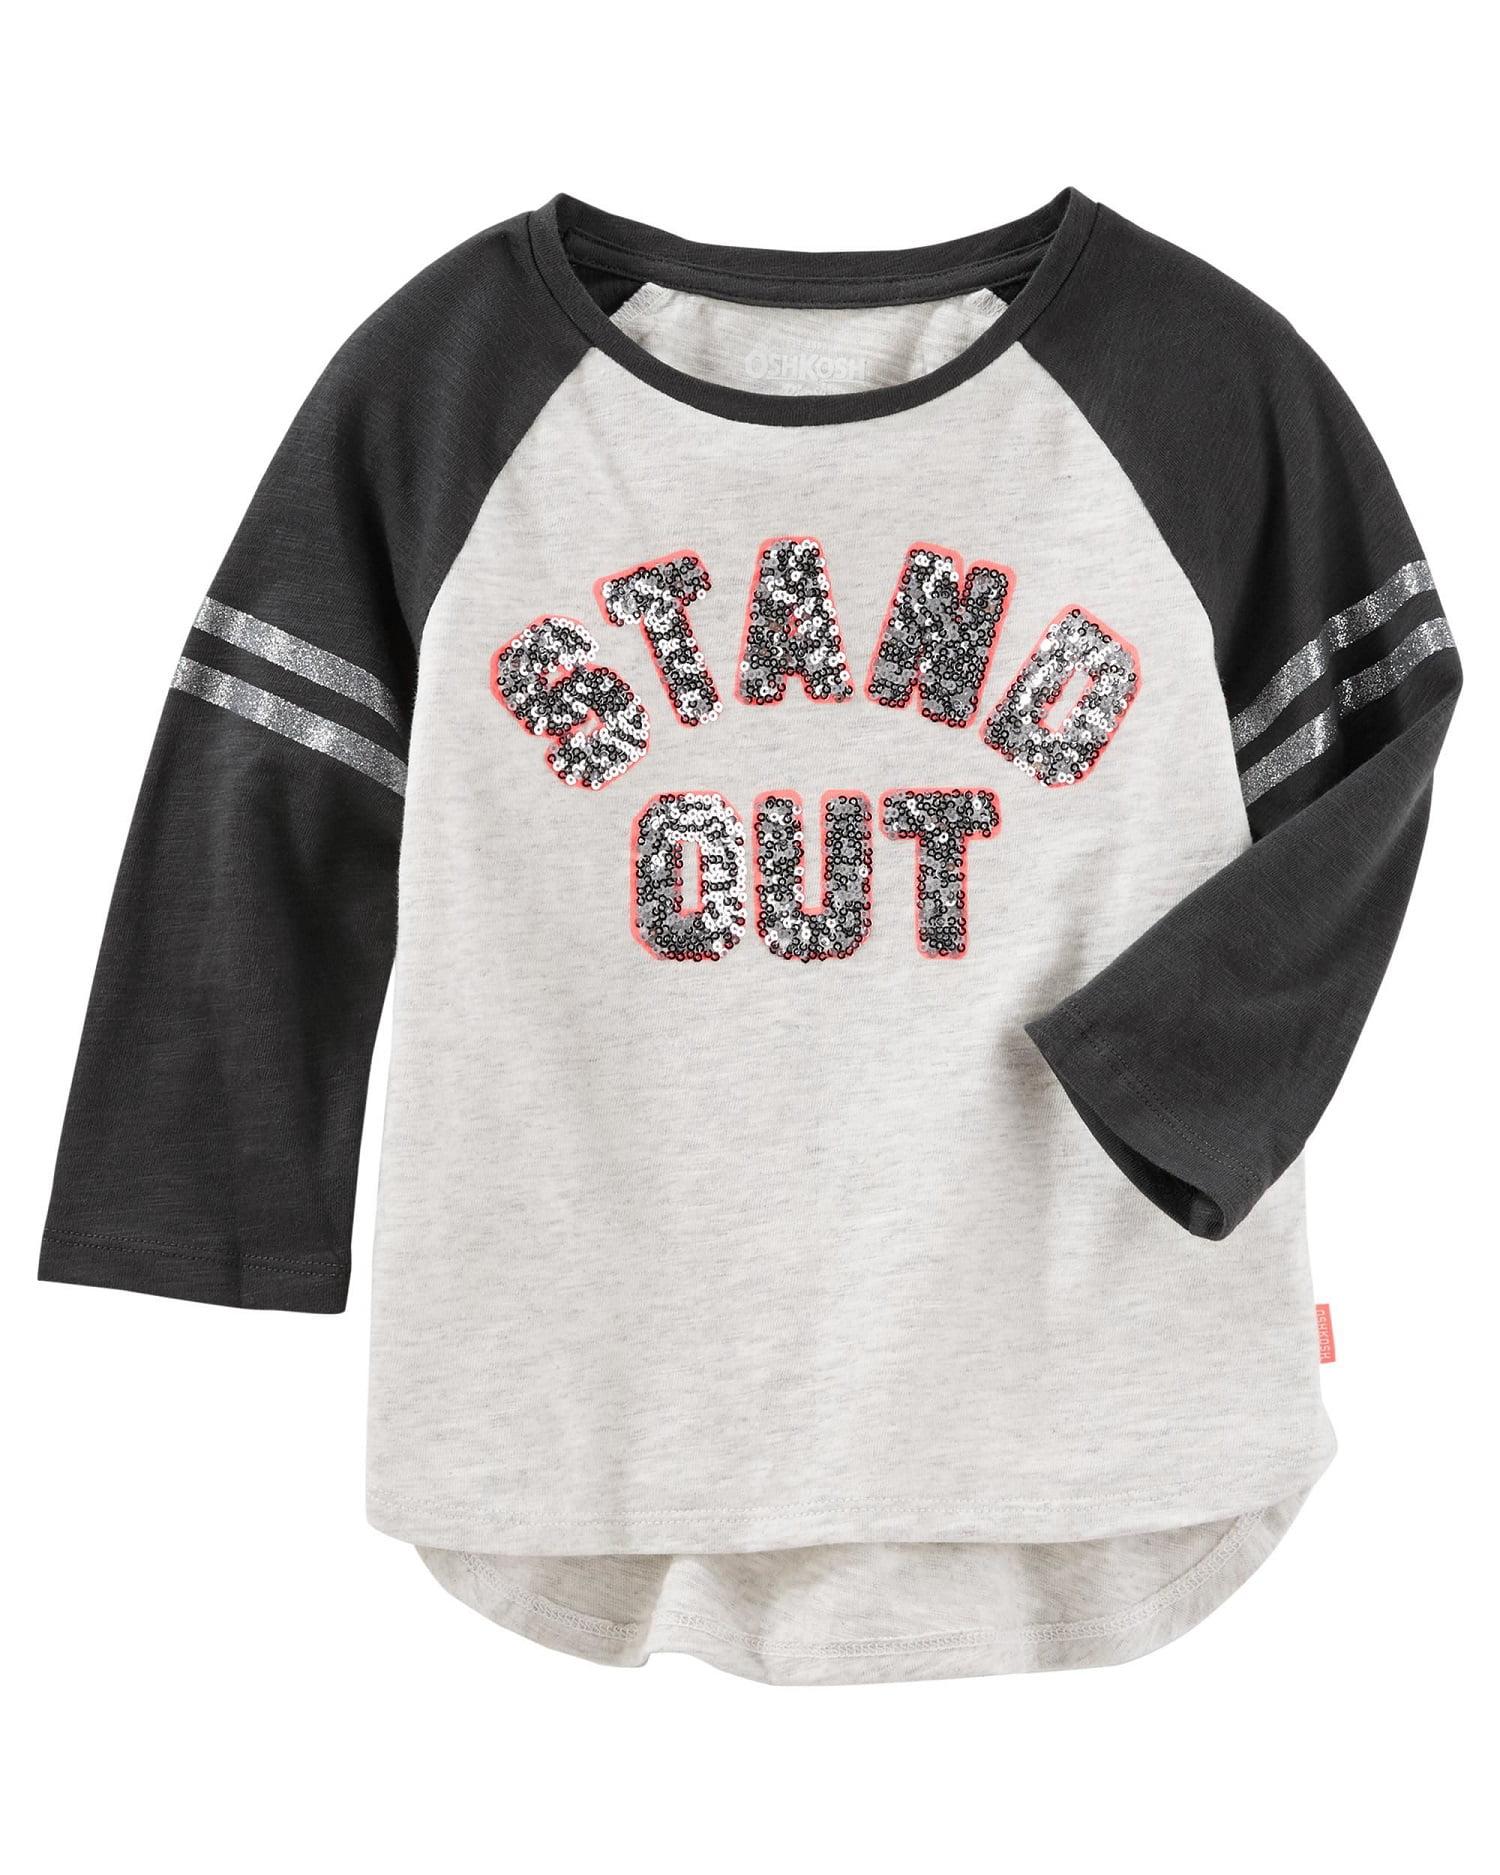 OshKosh B'gosh Little Girls' Embellished Varsity Tee